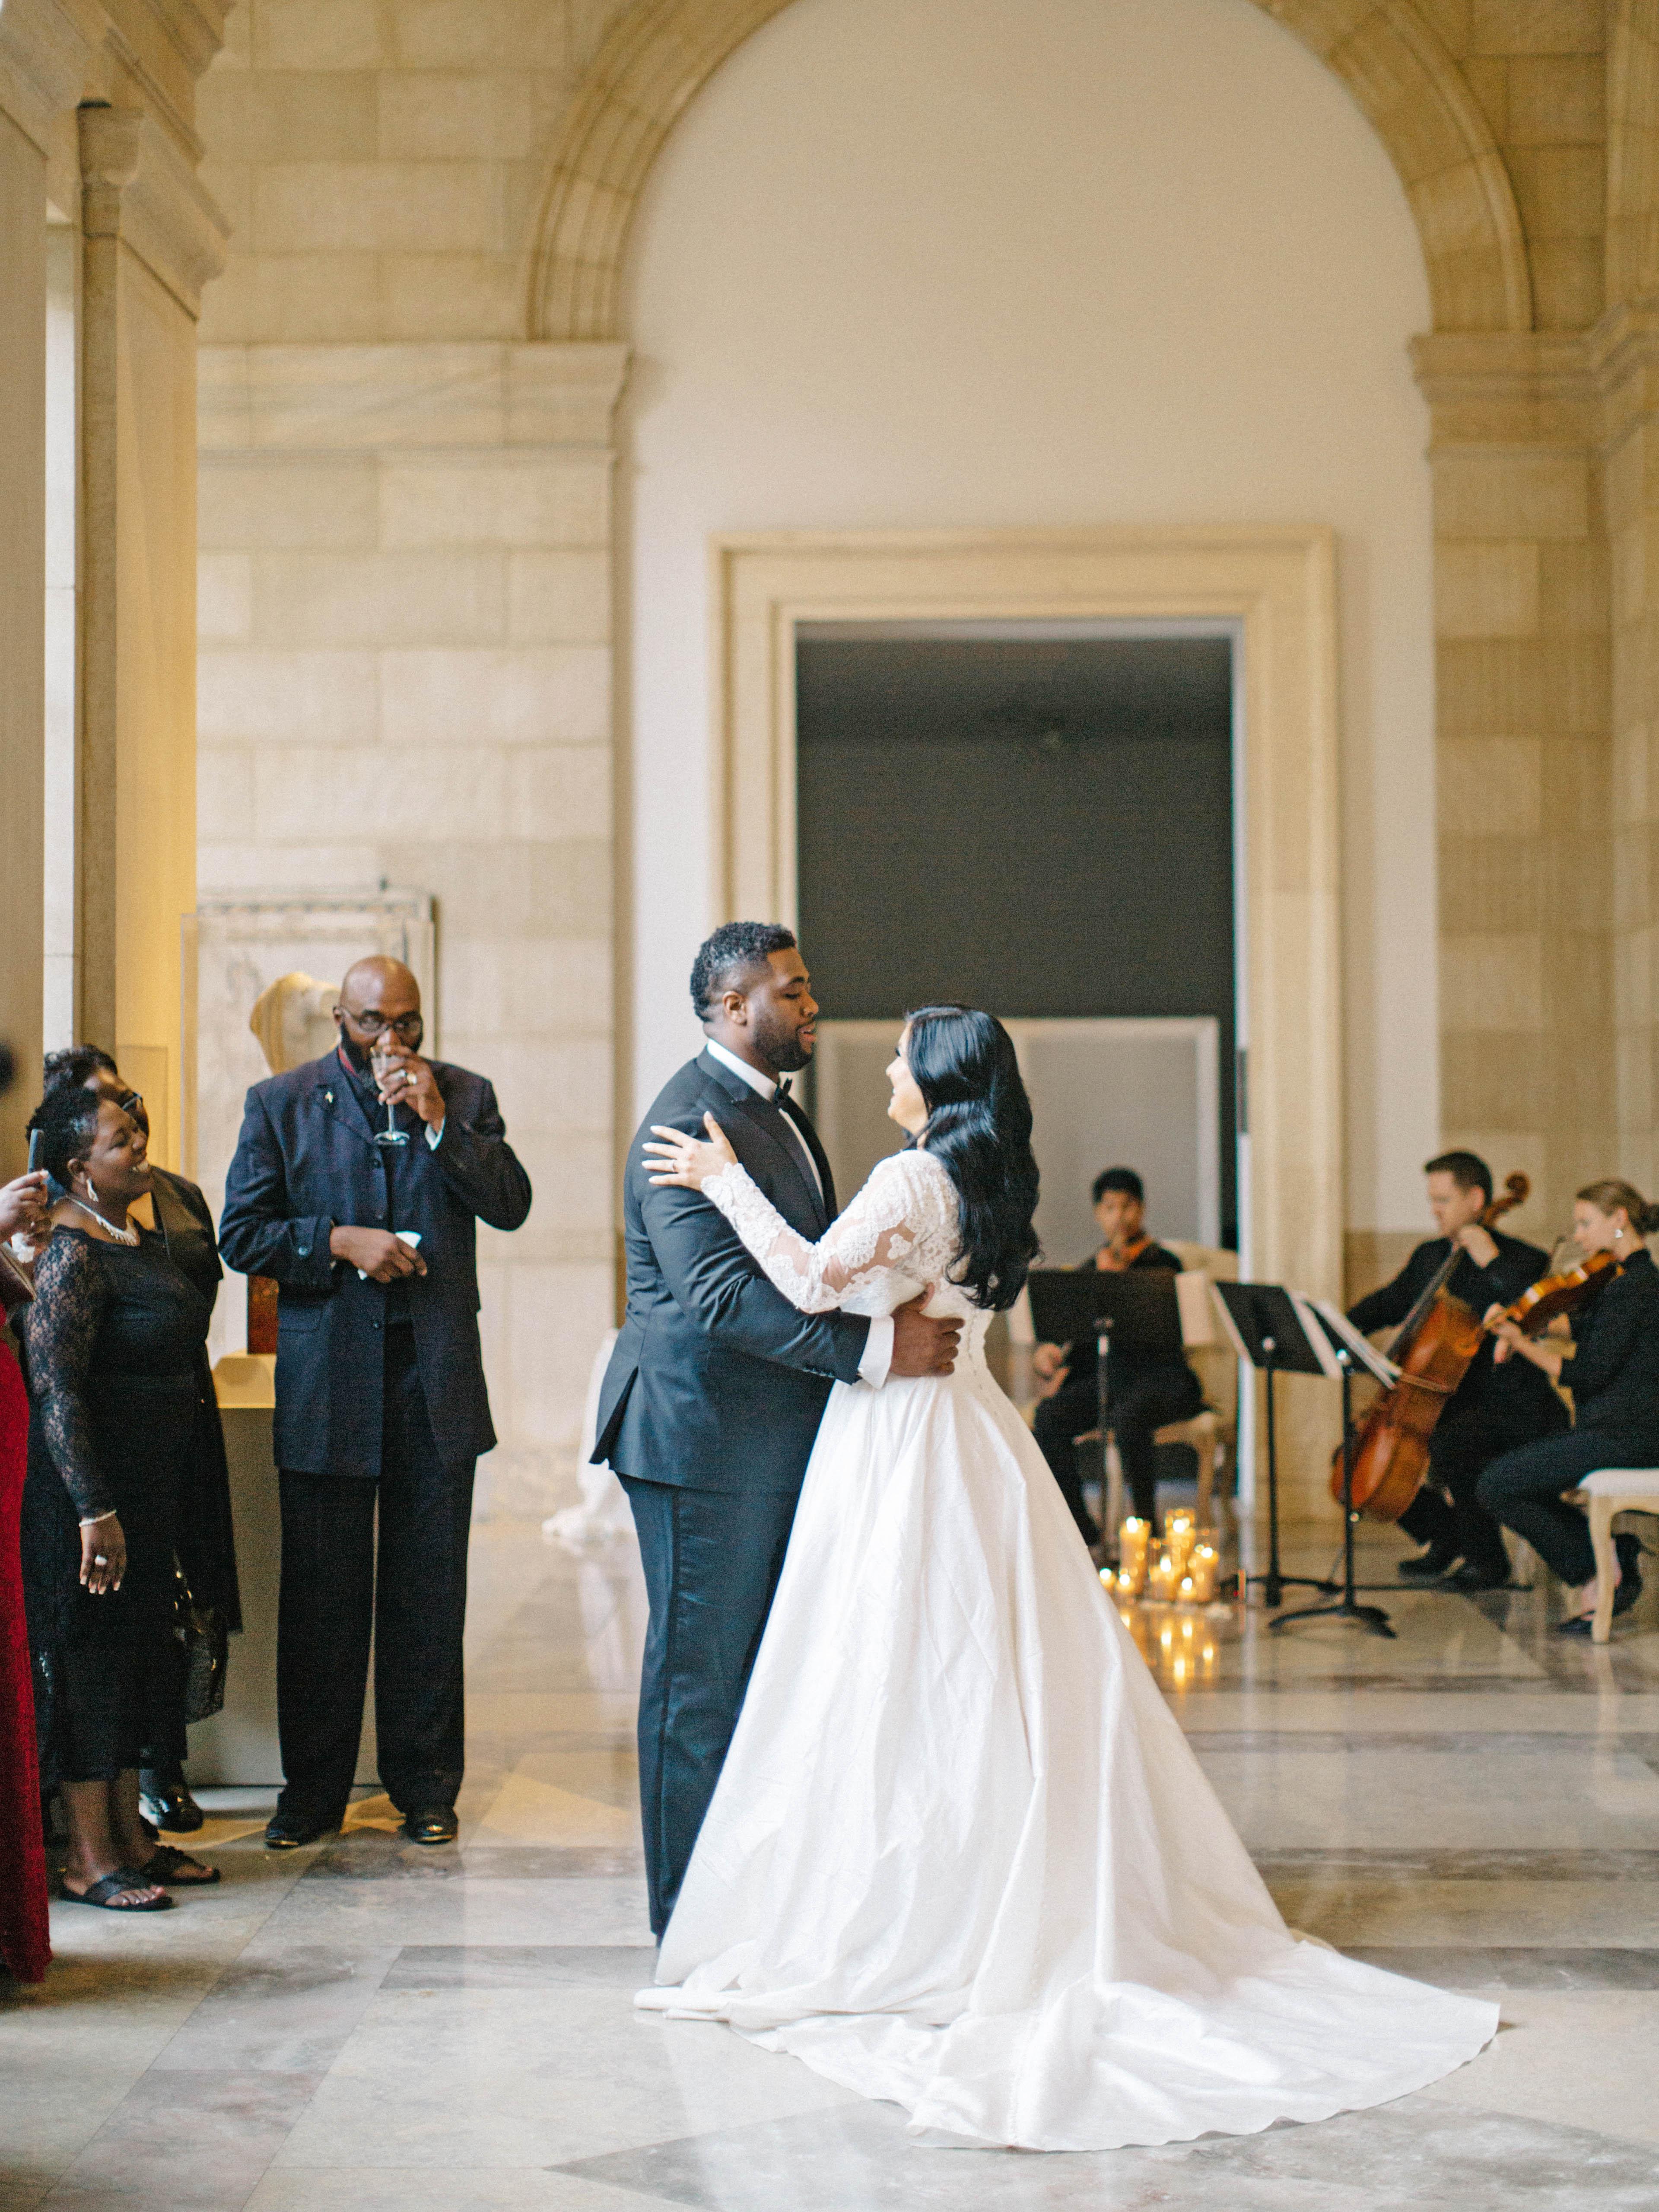 daniela emmanuel wedding maryland first dance